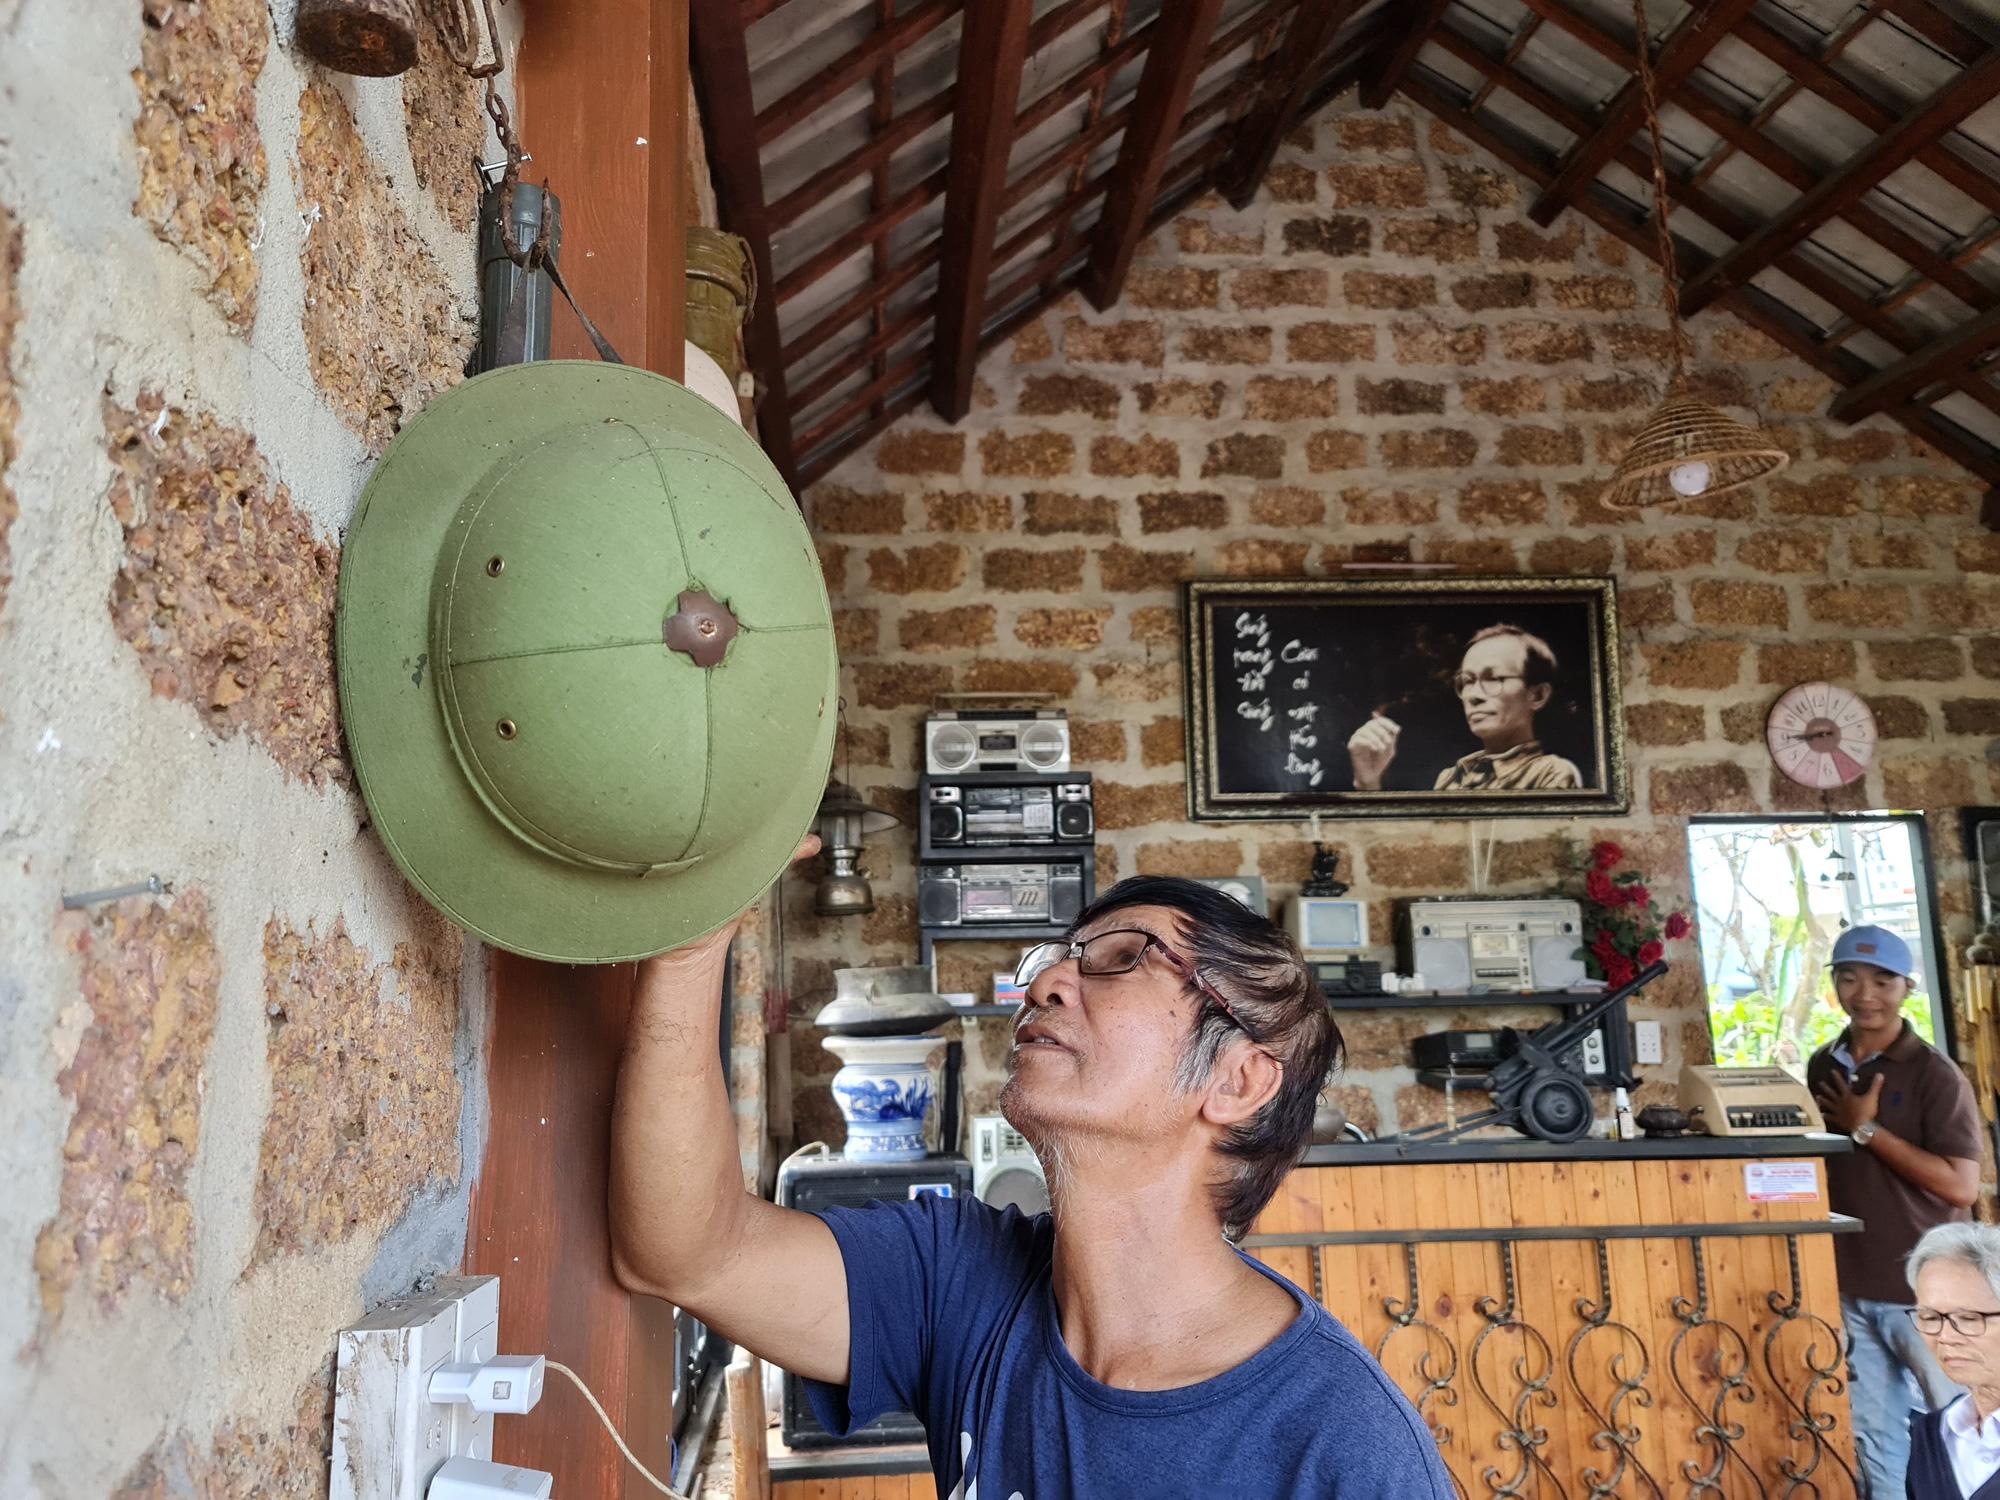 Quảng Nam: Nhứt mắt với quán cà phê bằng đá ong và toàn đồ bỏ đi - Ảnh 20.